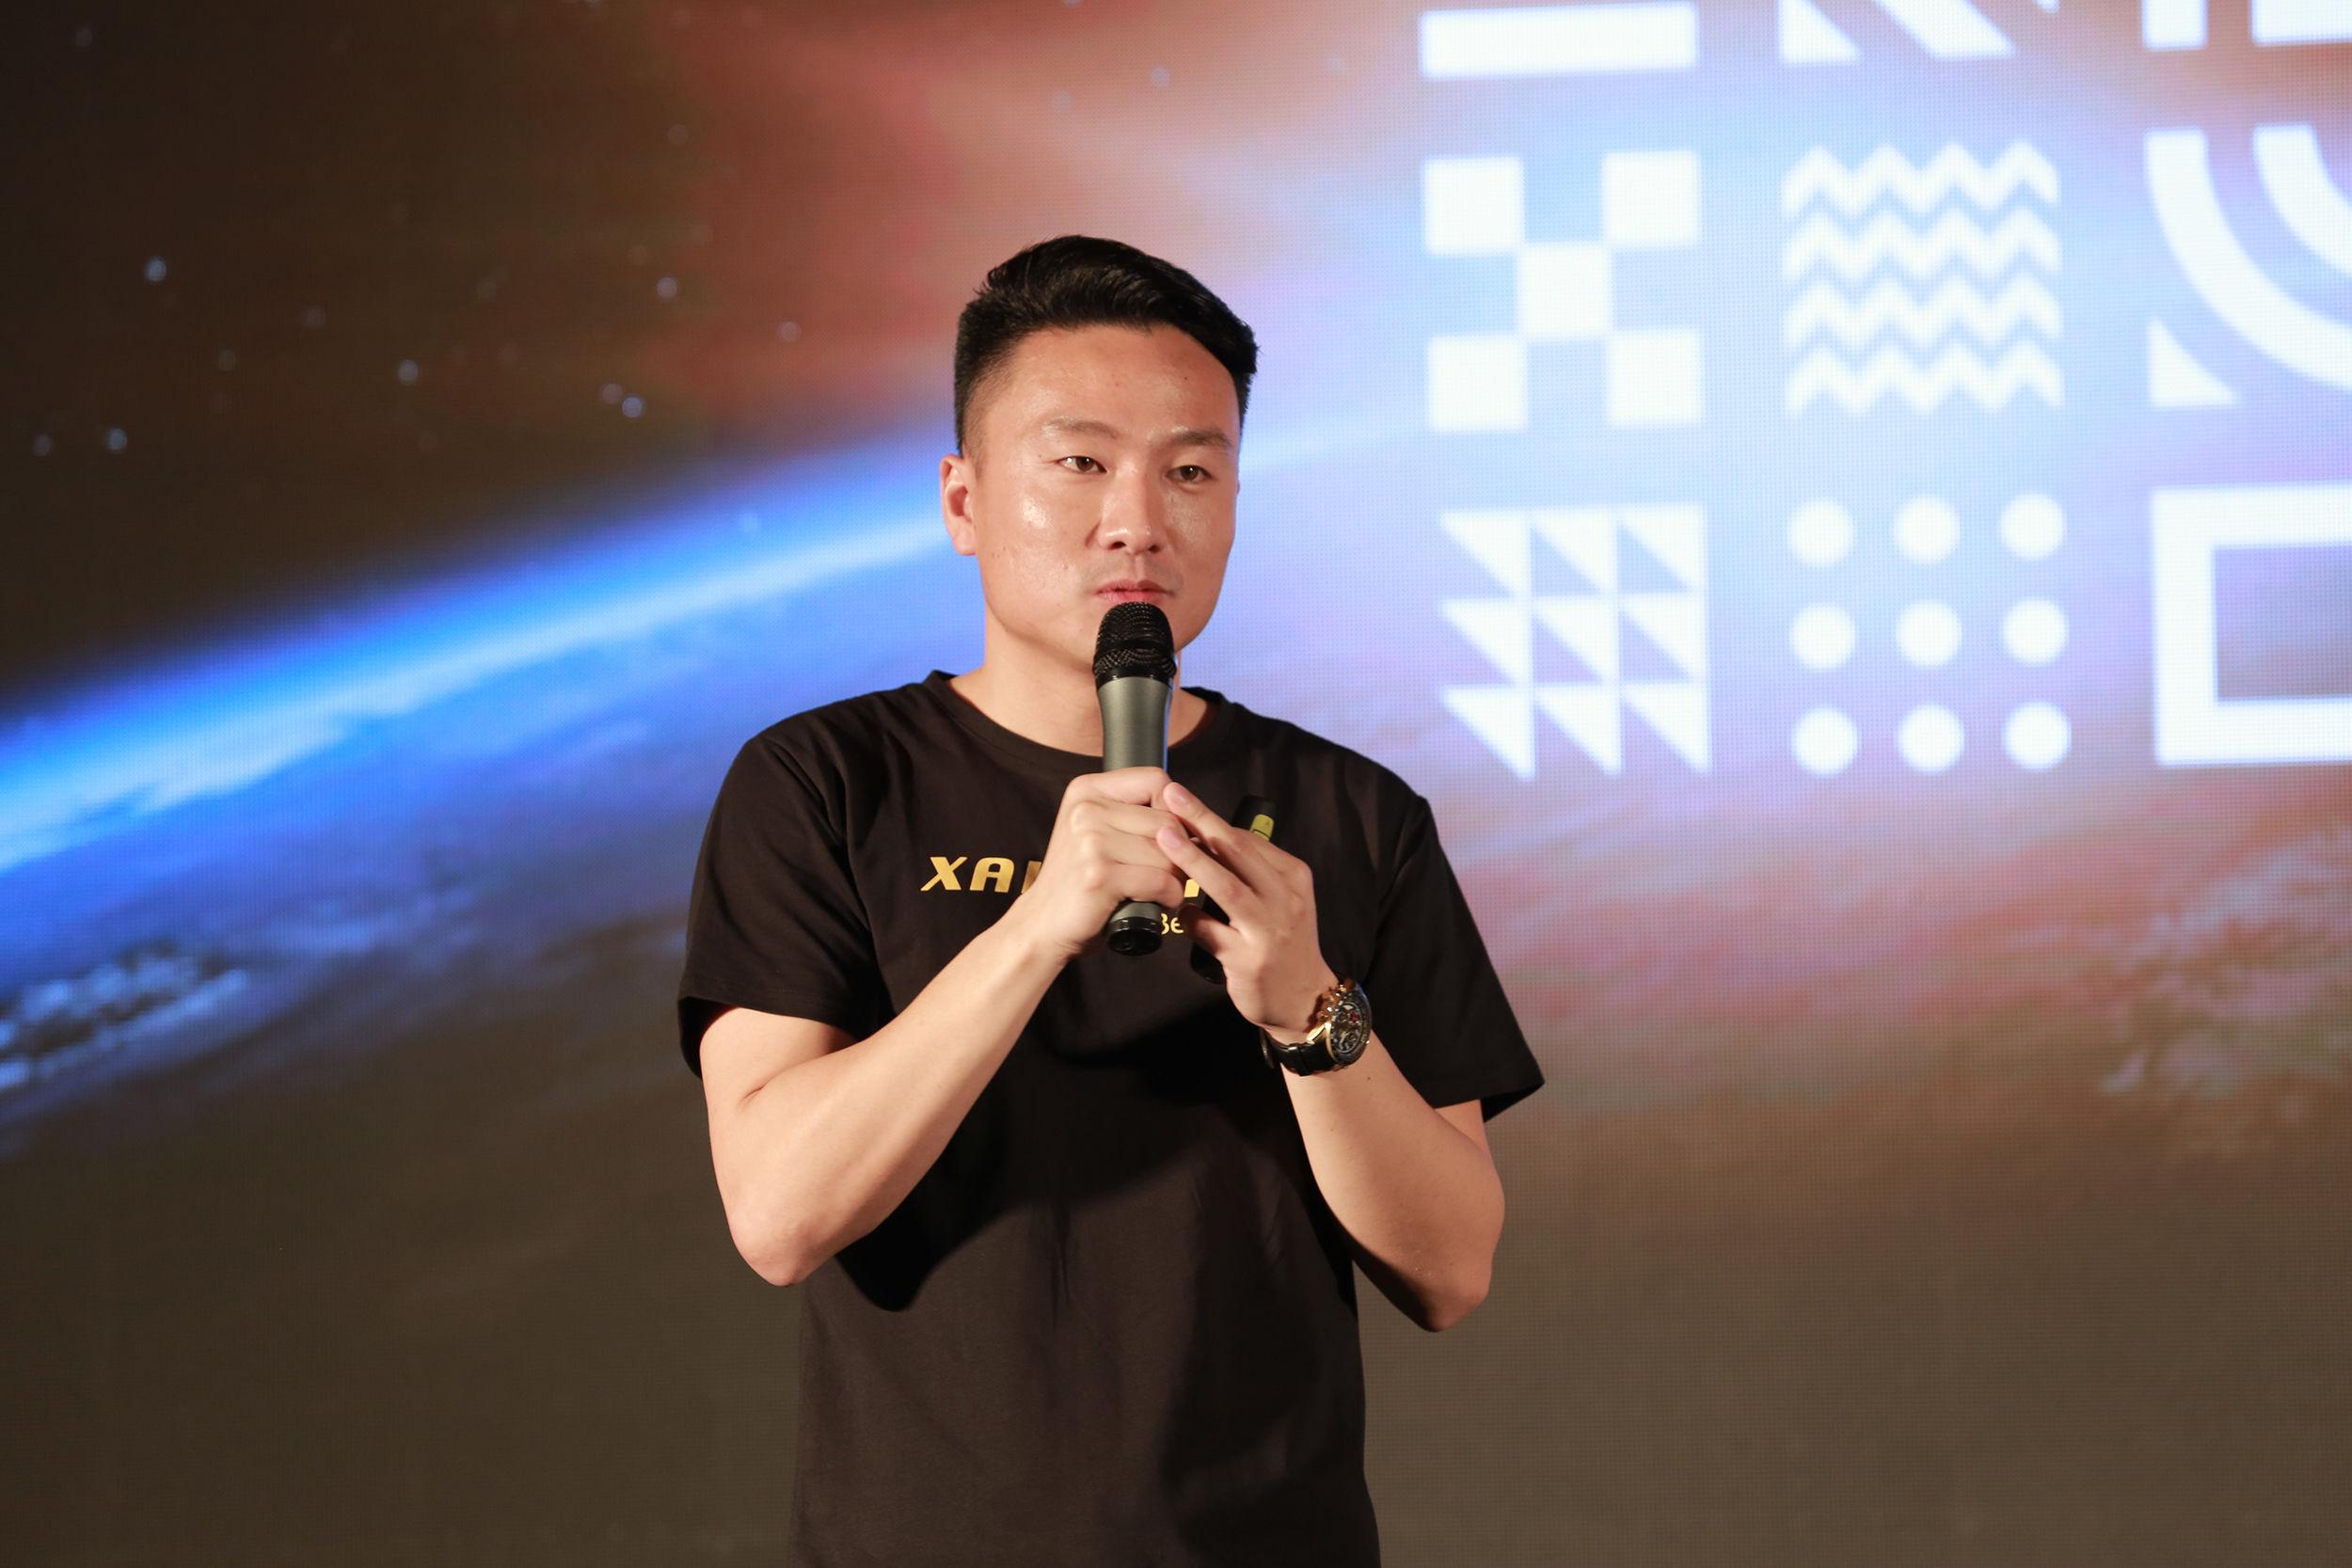 极飞科技联合创始人龚槚钦.JPG